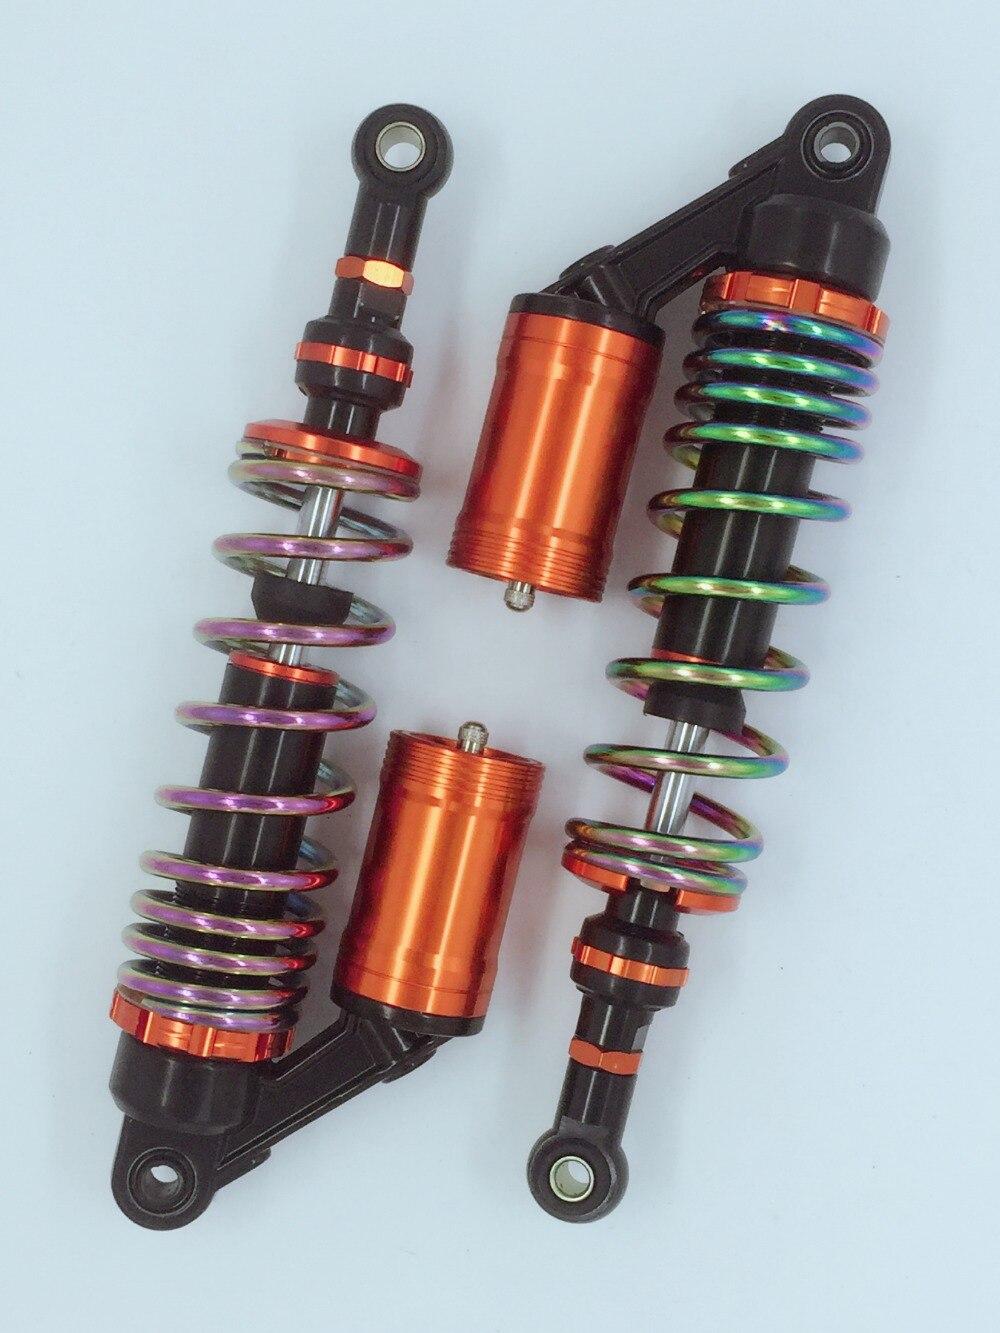 330 мм 340 мм 345мм мотоцикл Скутер задние амортизаторы воздушная Ударная Repace Демфер весны